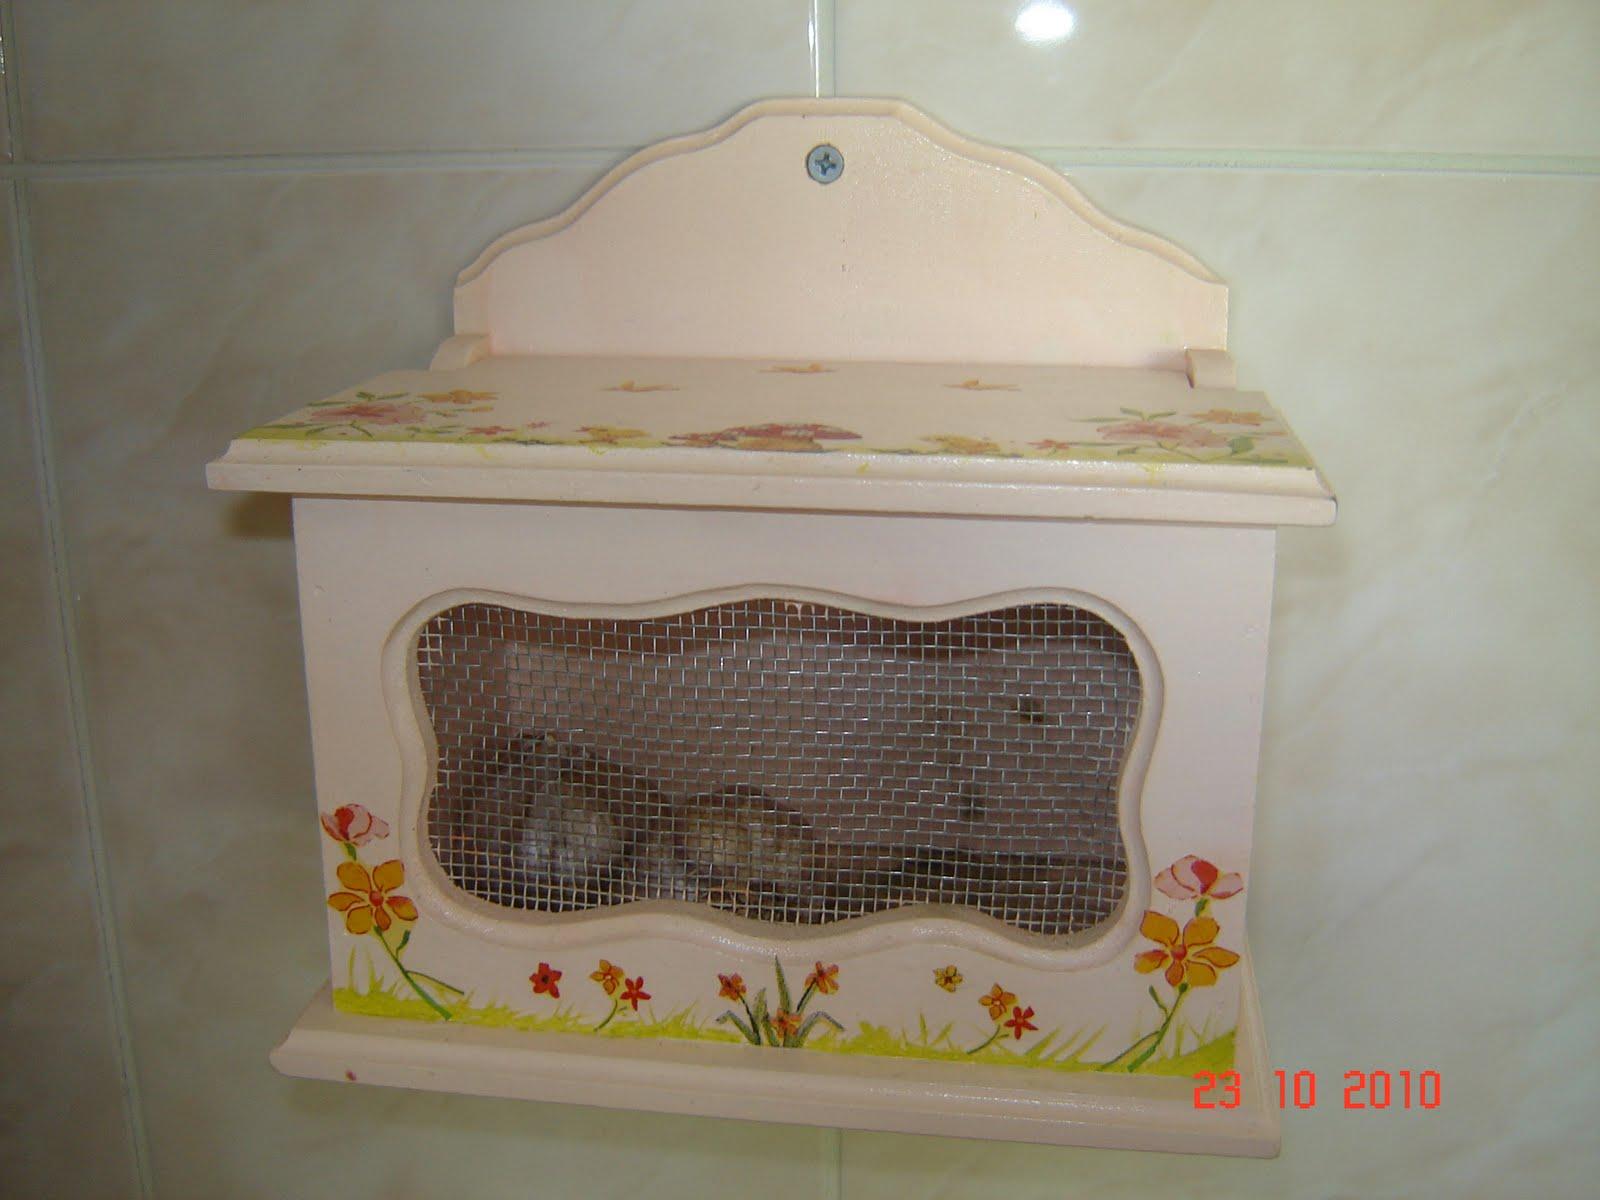 Cot confecciones t cnicas decorativas d coupage con - Tecnicas decorativas ...